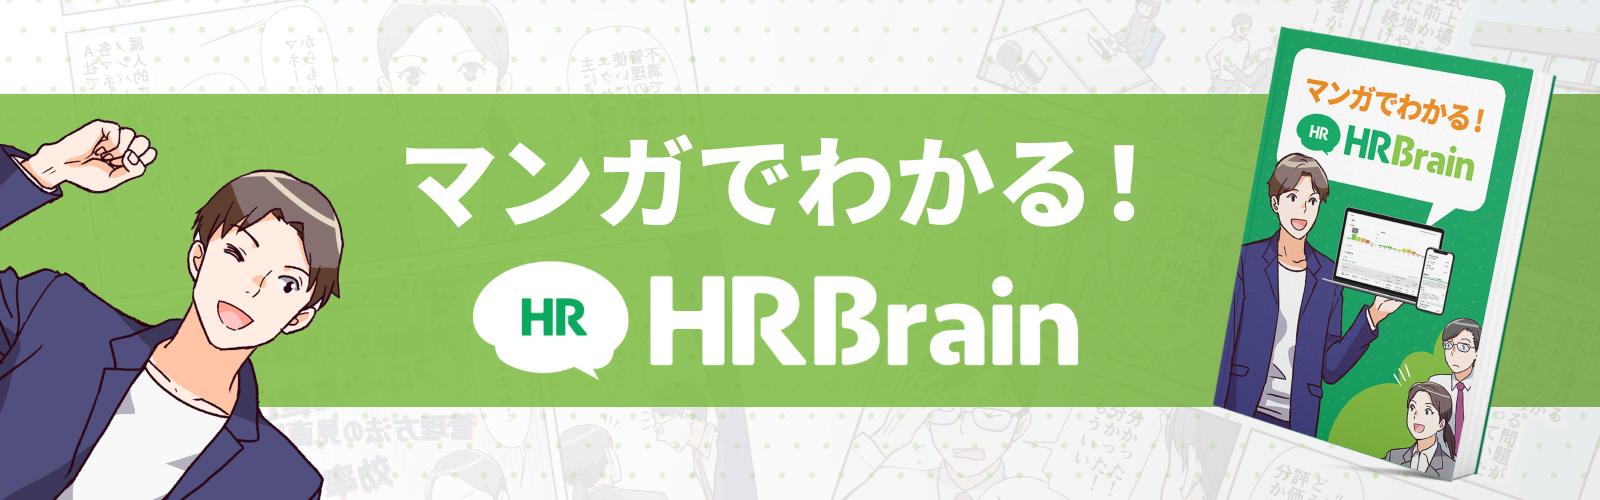 マンガでわかる! HRBrain